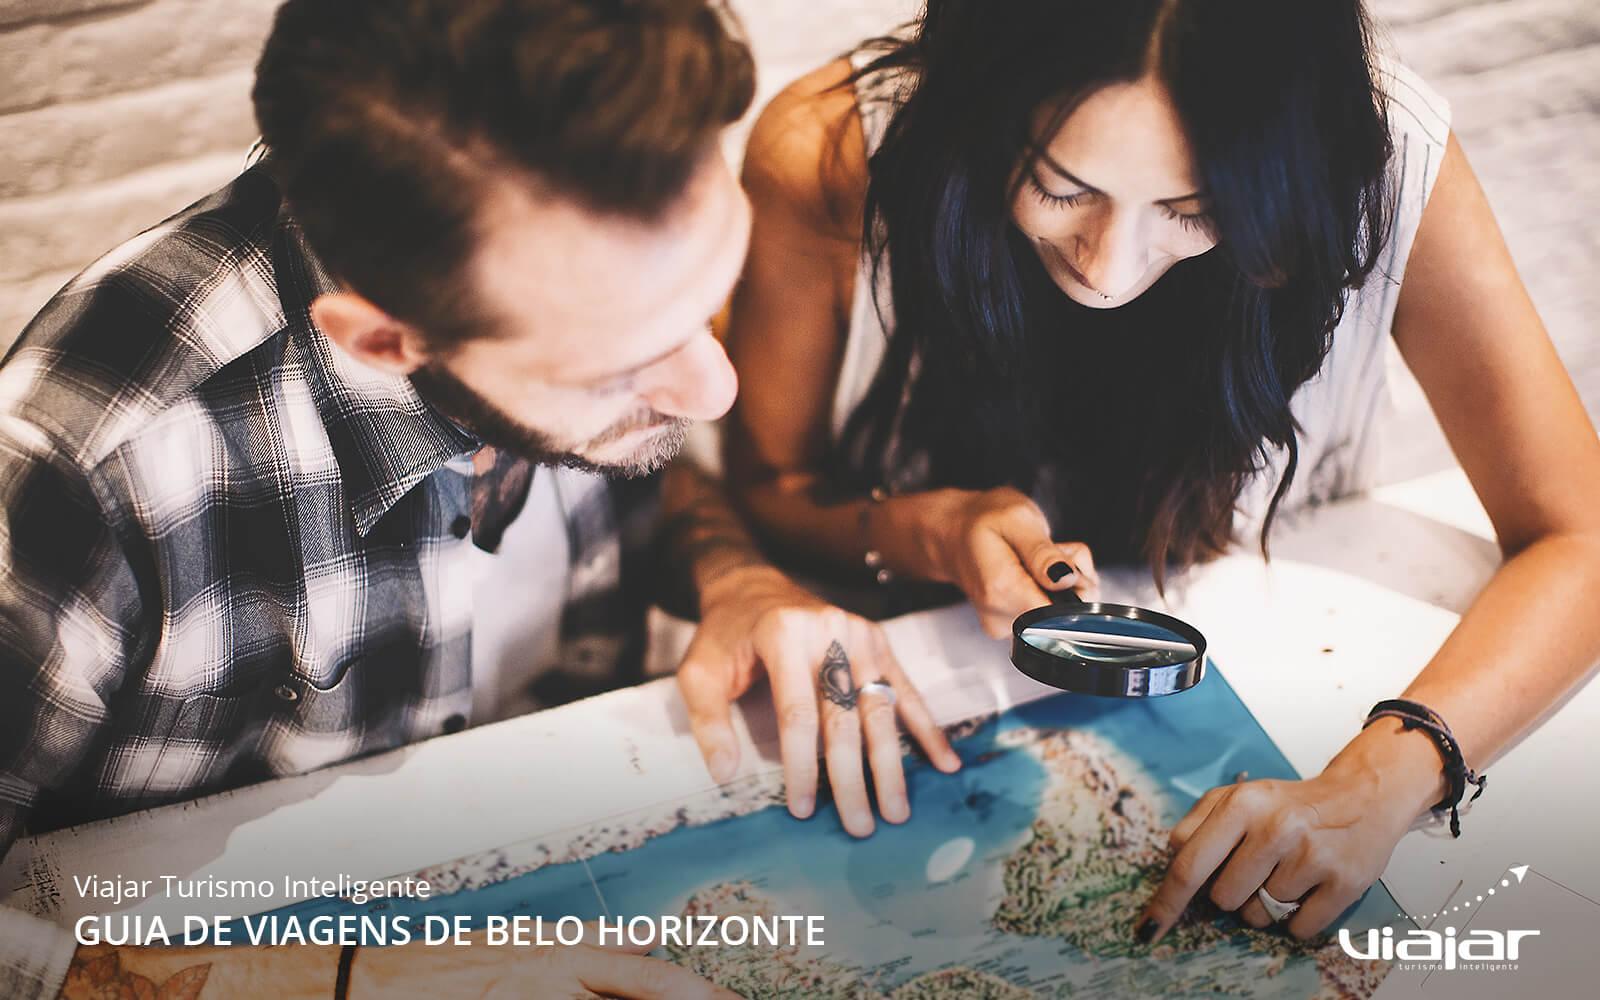 viajar-turismo-inteligente-guia-viagens-belo-horizonte-minas-gerais-05